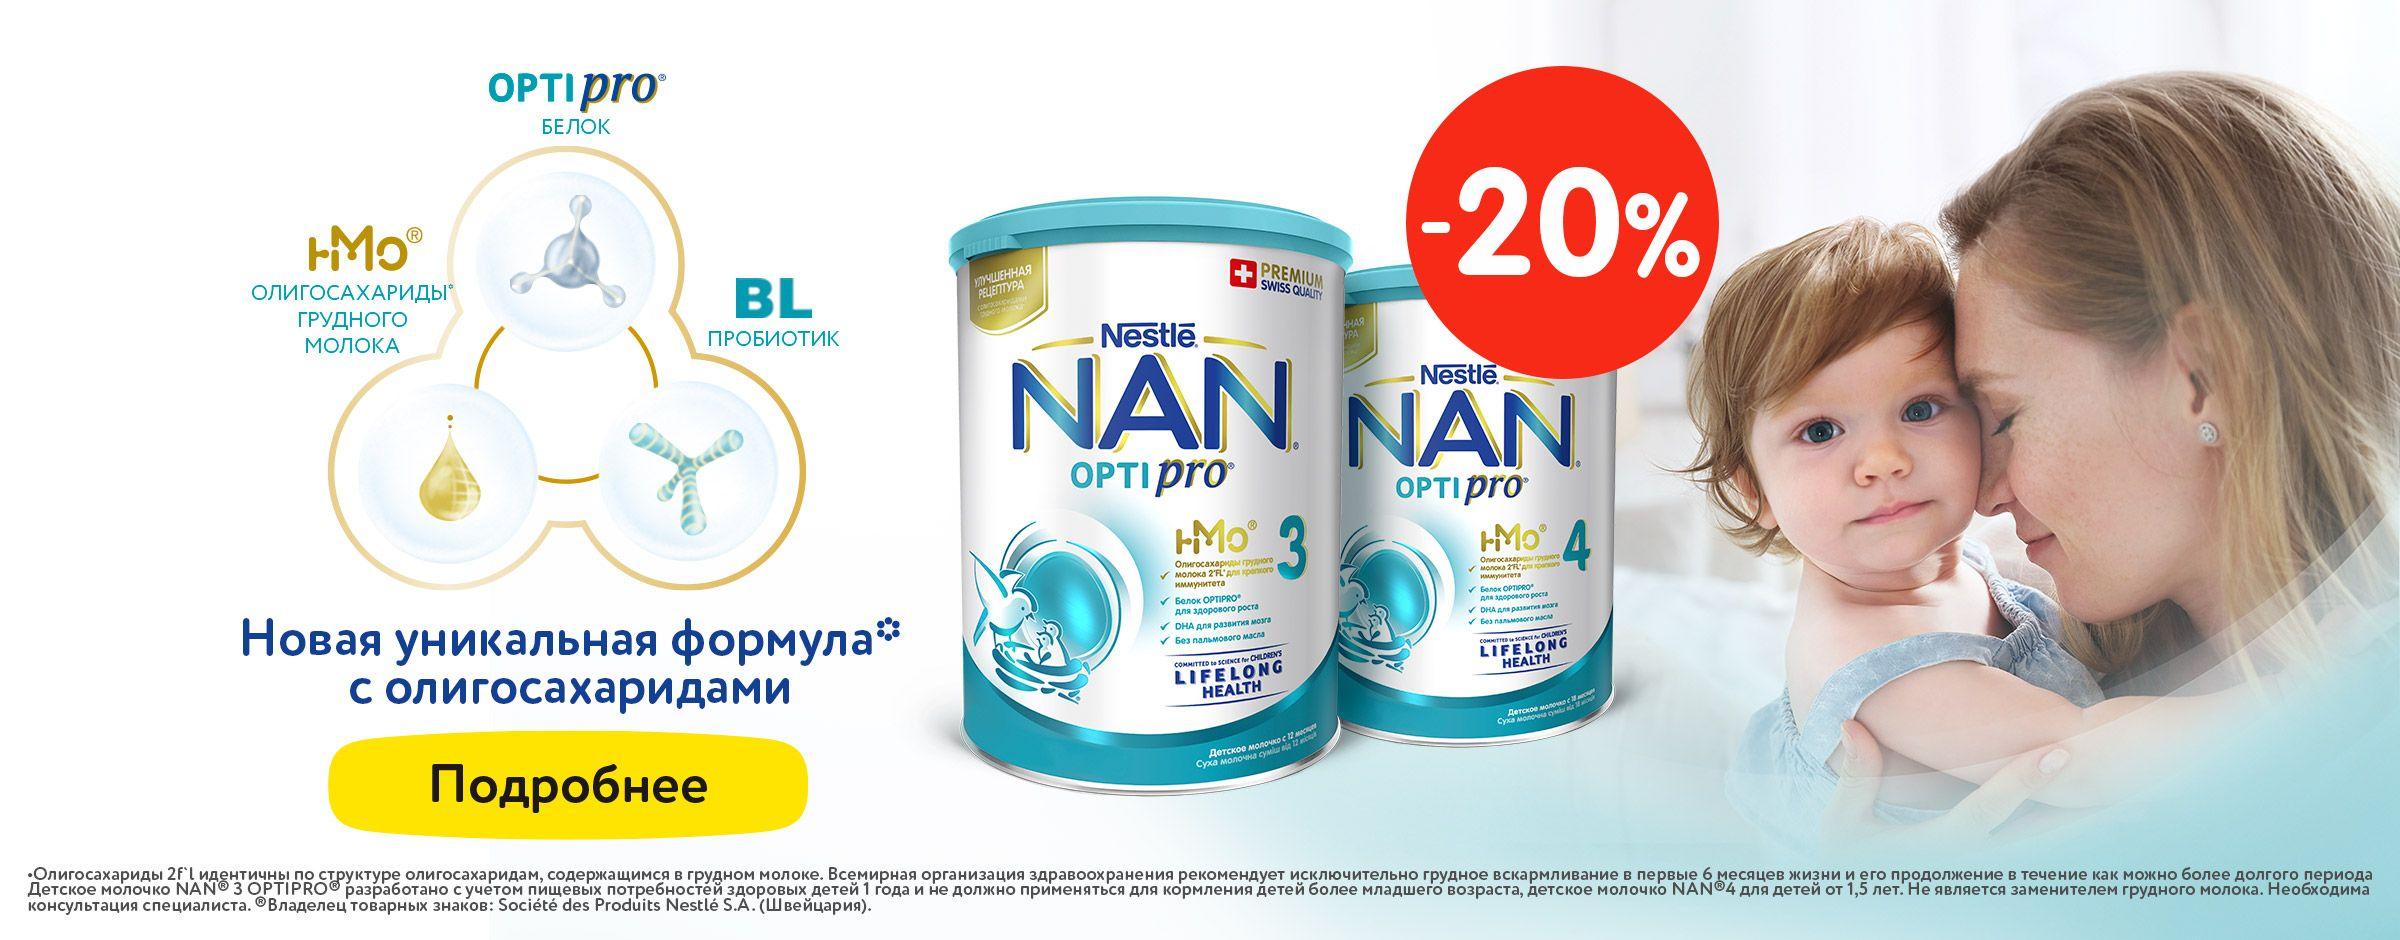 -20% на NAN статика